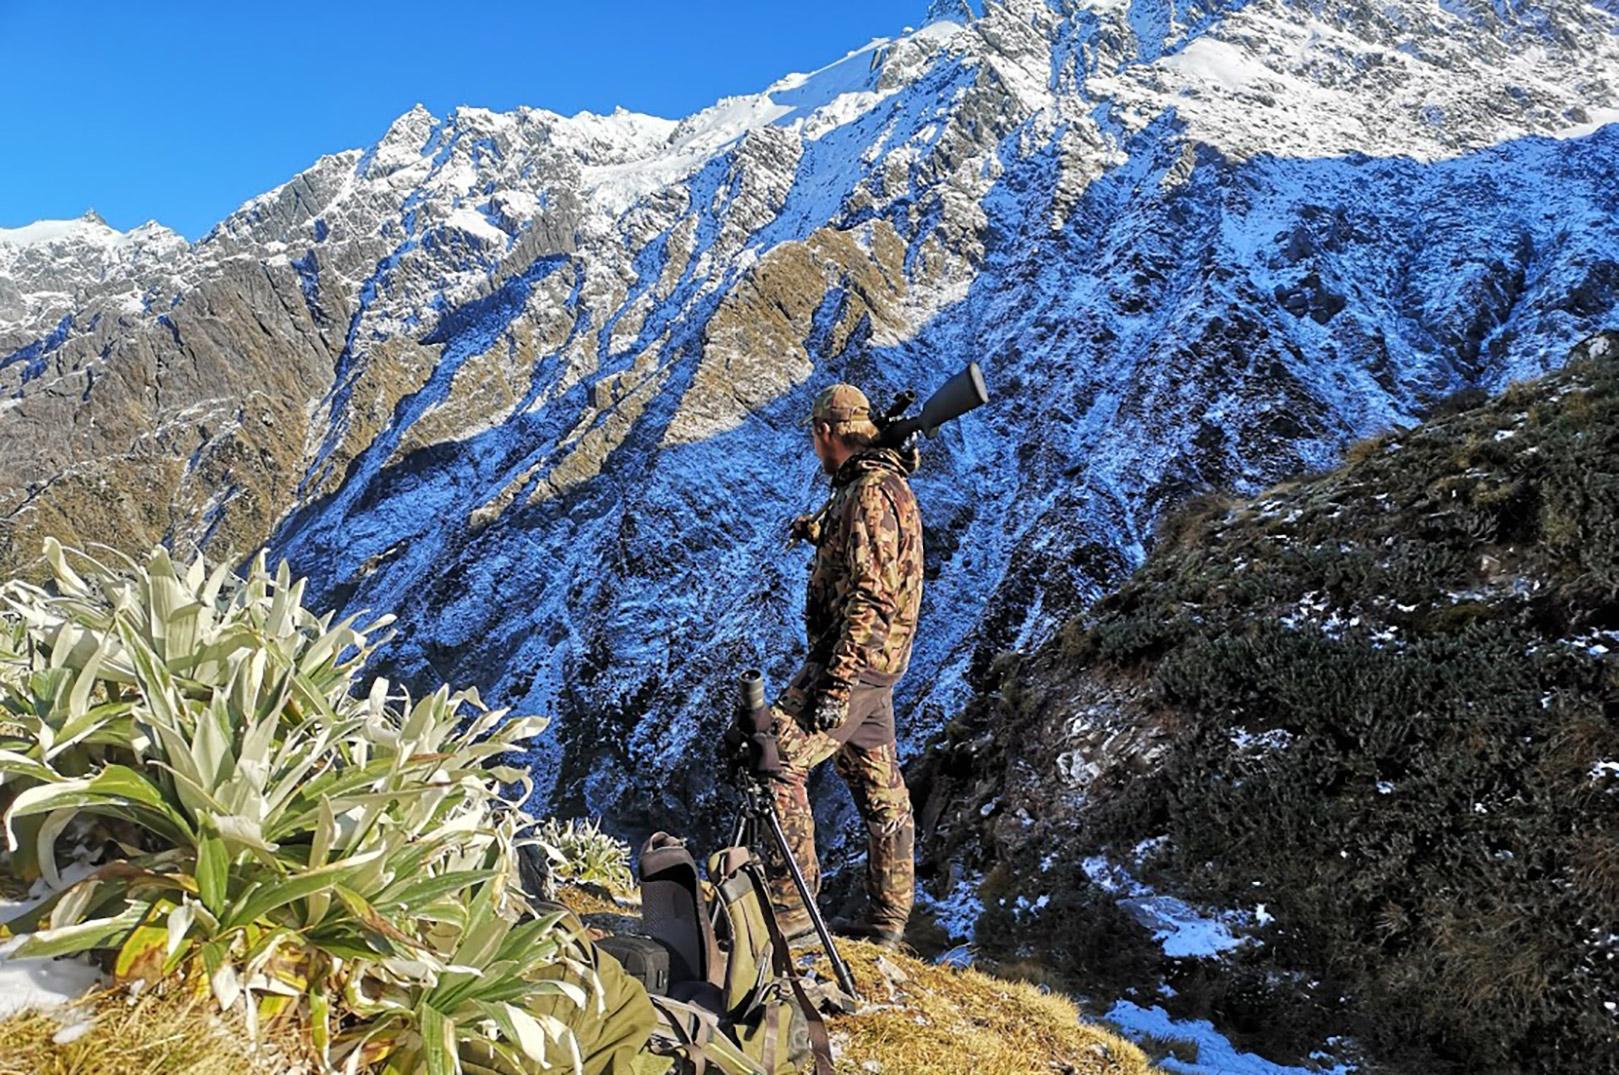 Mads drømmer også om at komme til at guide indenfor jagt - og også her er der mulighed for at lære en masse på ForshagaAkademin.